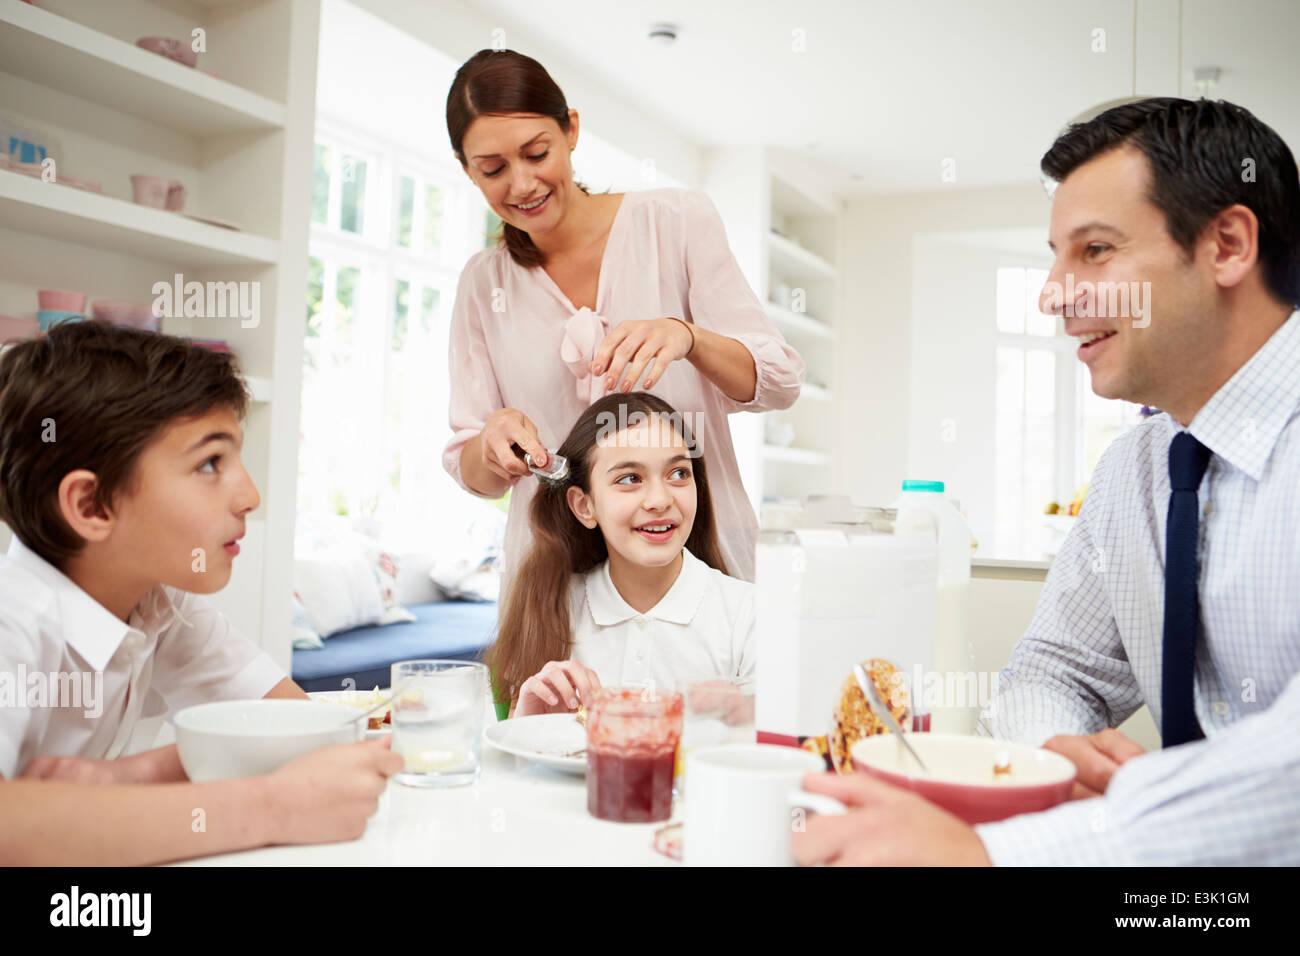 Familie frühstücken bevor Mann zur Arbeit geht Stockbild